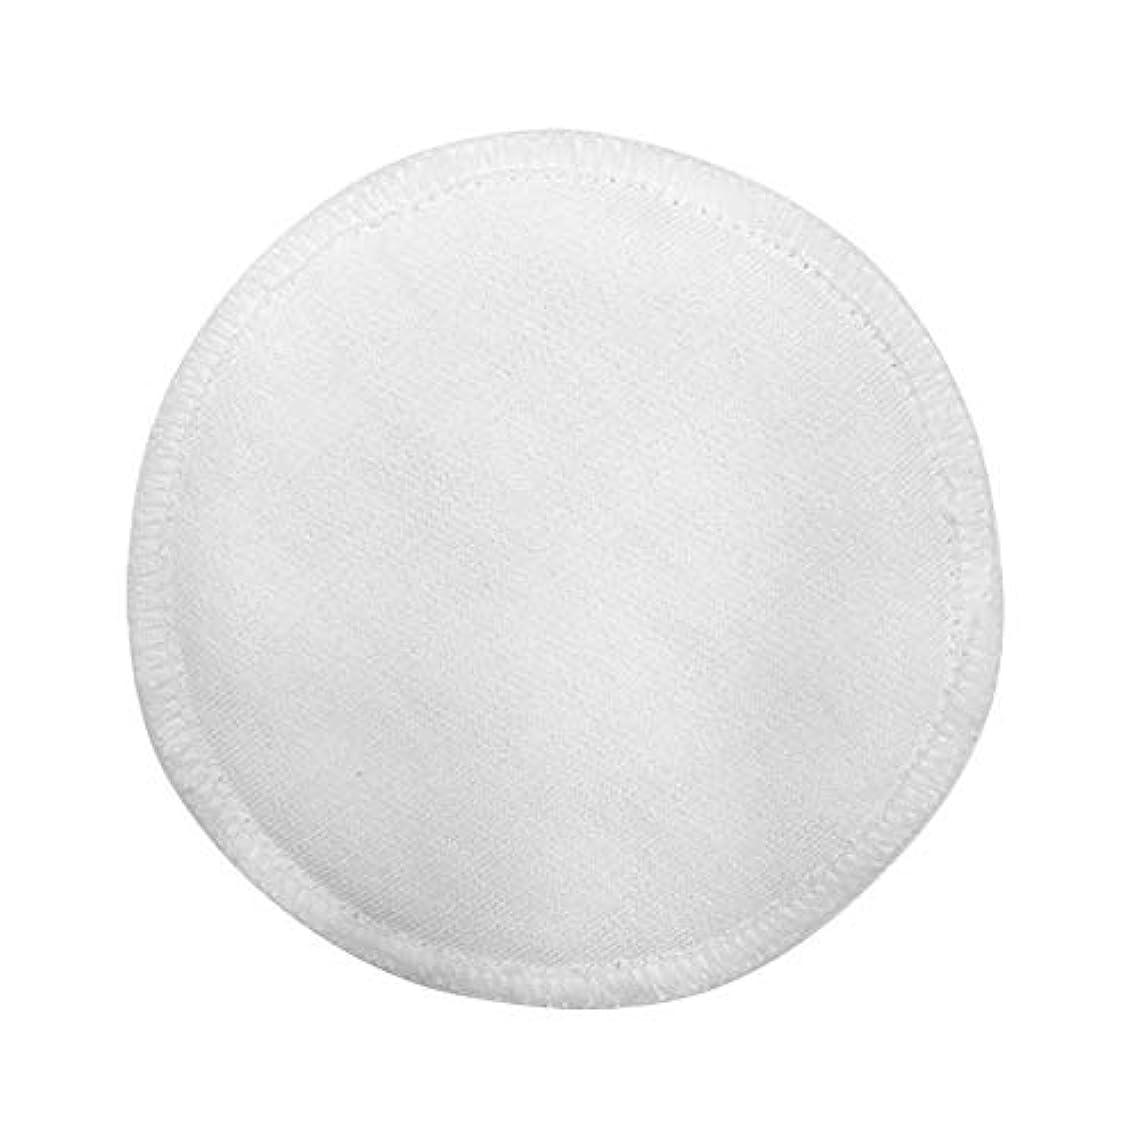 干渉する不正思い出させるメイク落としパッド 低刺激性 吸水性 柔らかい 耐久性 再利用可能 軽量 ポータブル 使いやすい メッシュバッグ付き 16個 クレンジングパッド 洗顔 お手入れが簡単